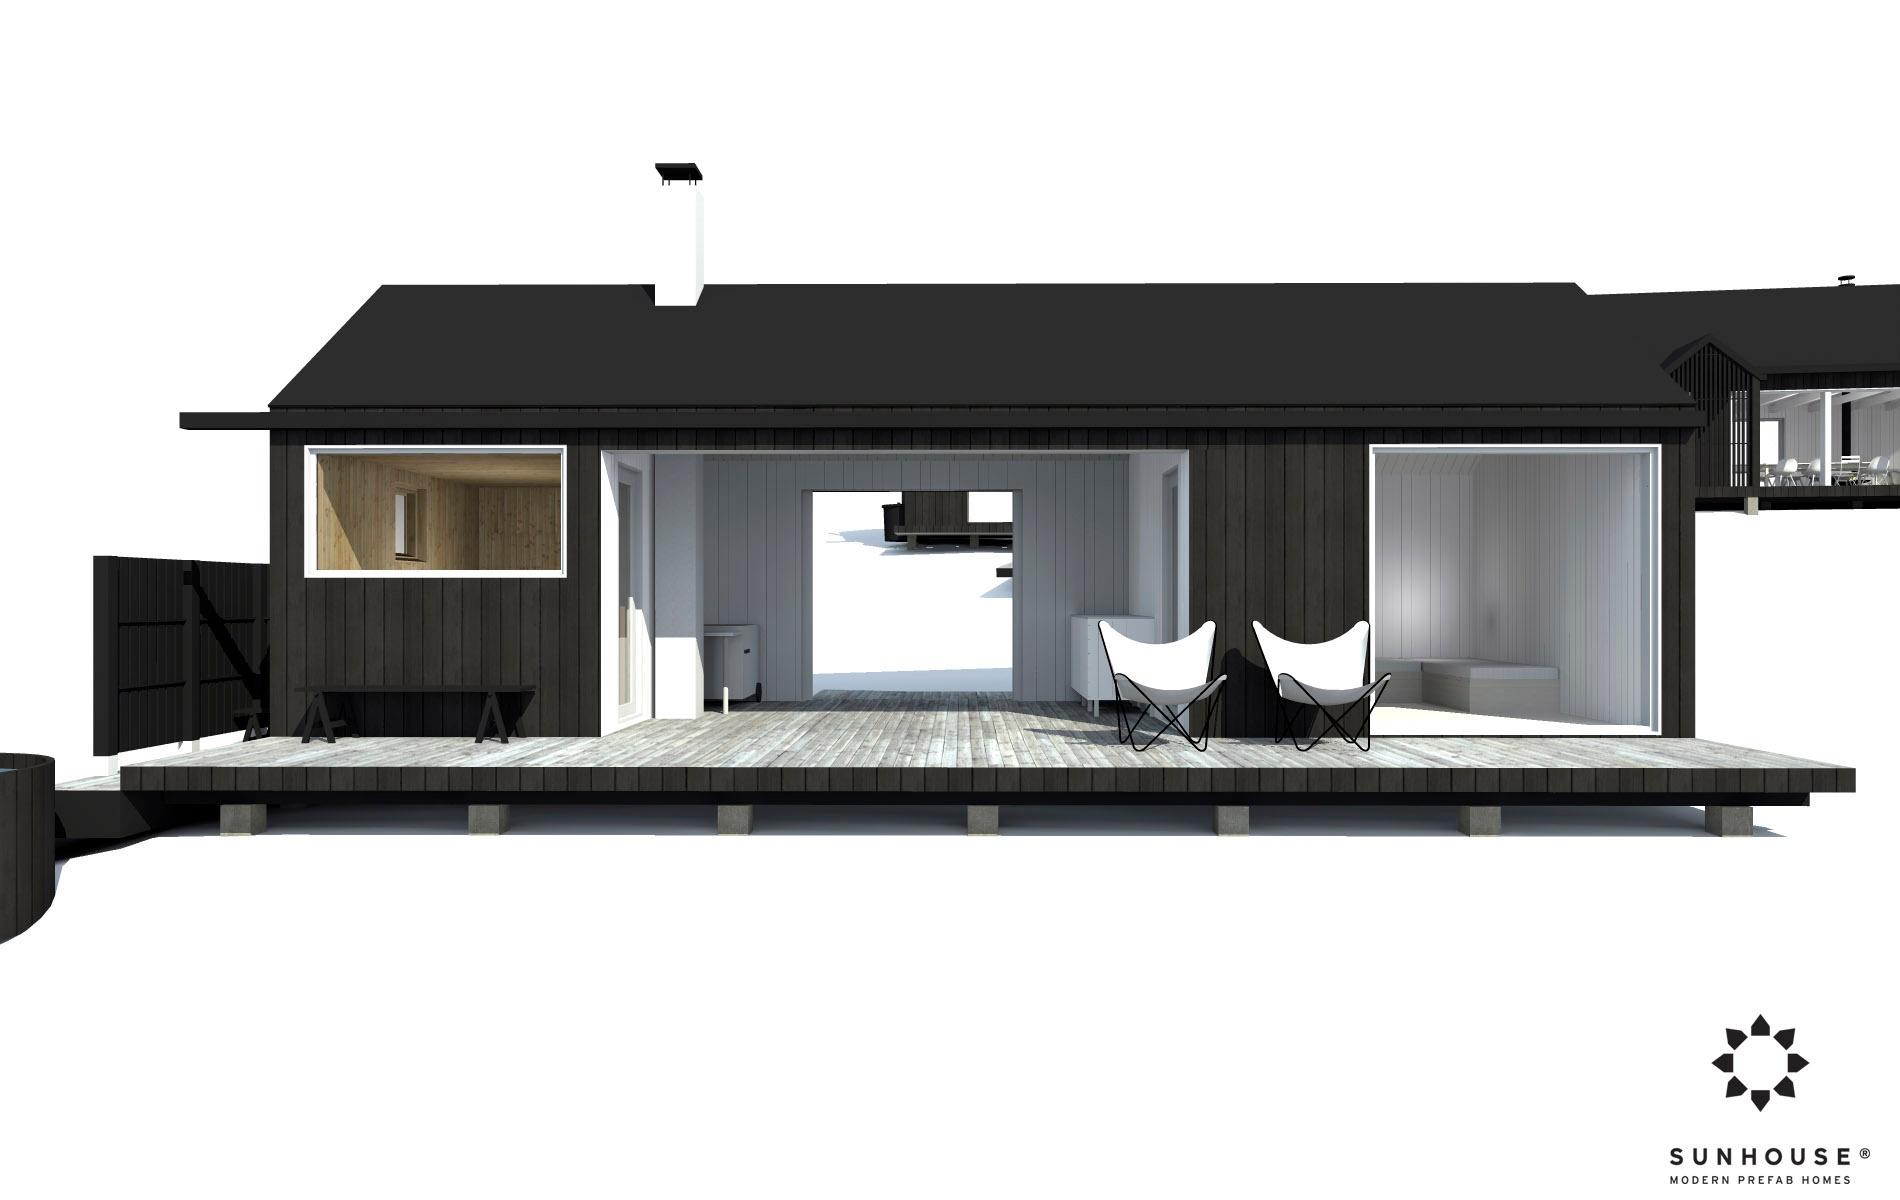 Sunhouse moderni sauna S1601 (2)